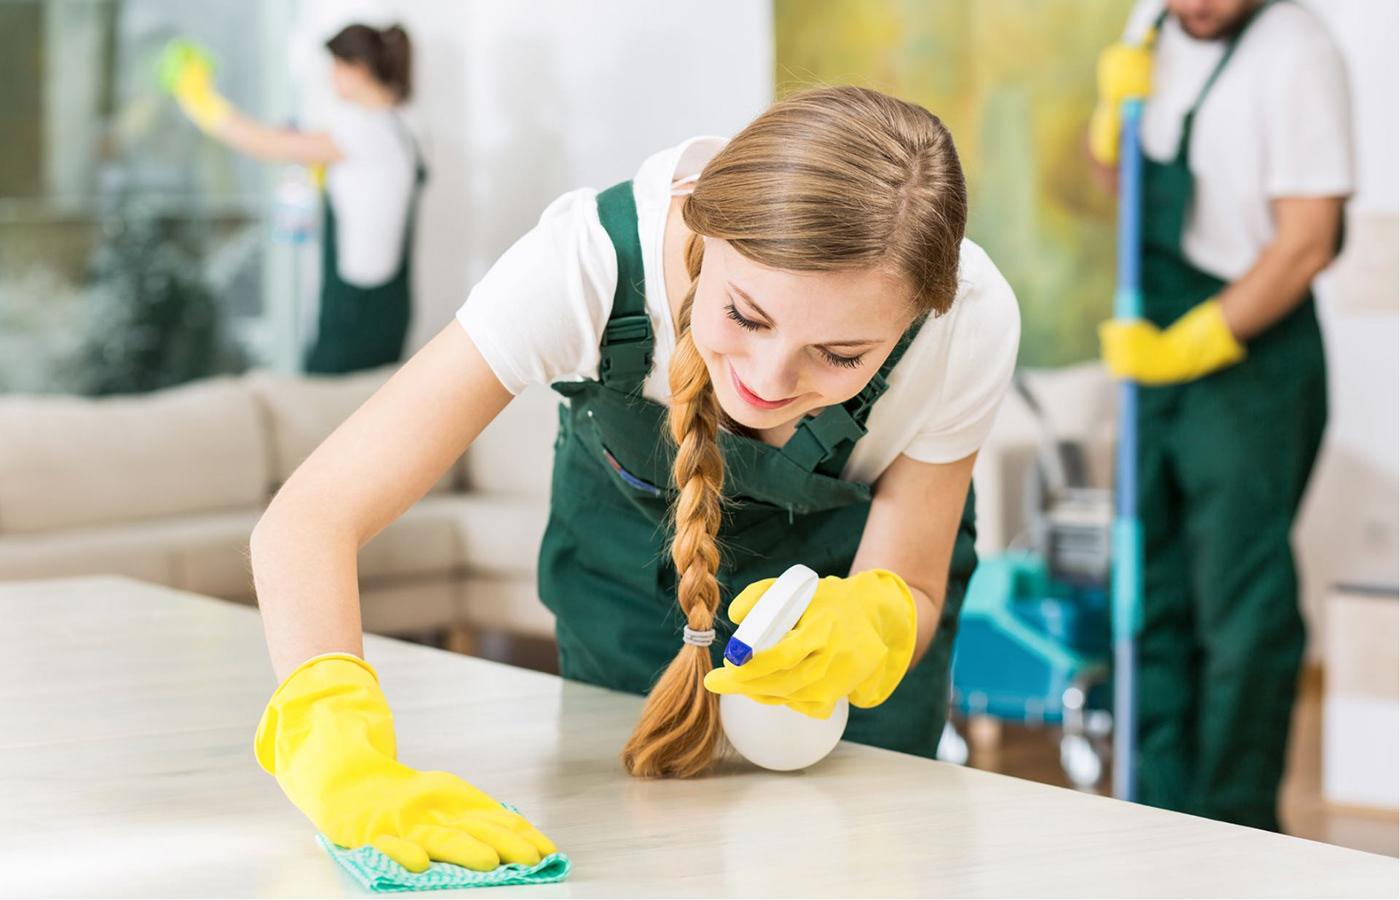 Клінінгові послуги для Вас від Клінінгової компанії з прибирання квартир, будинків офісів, котеджів у Вінниці – Cleaning Group